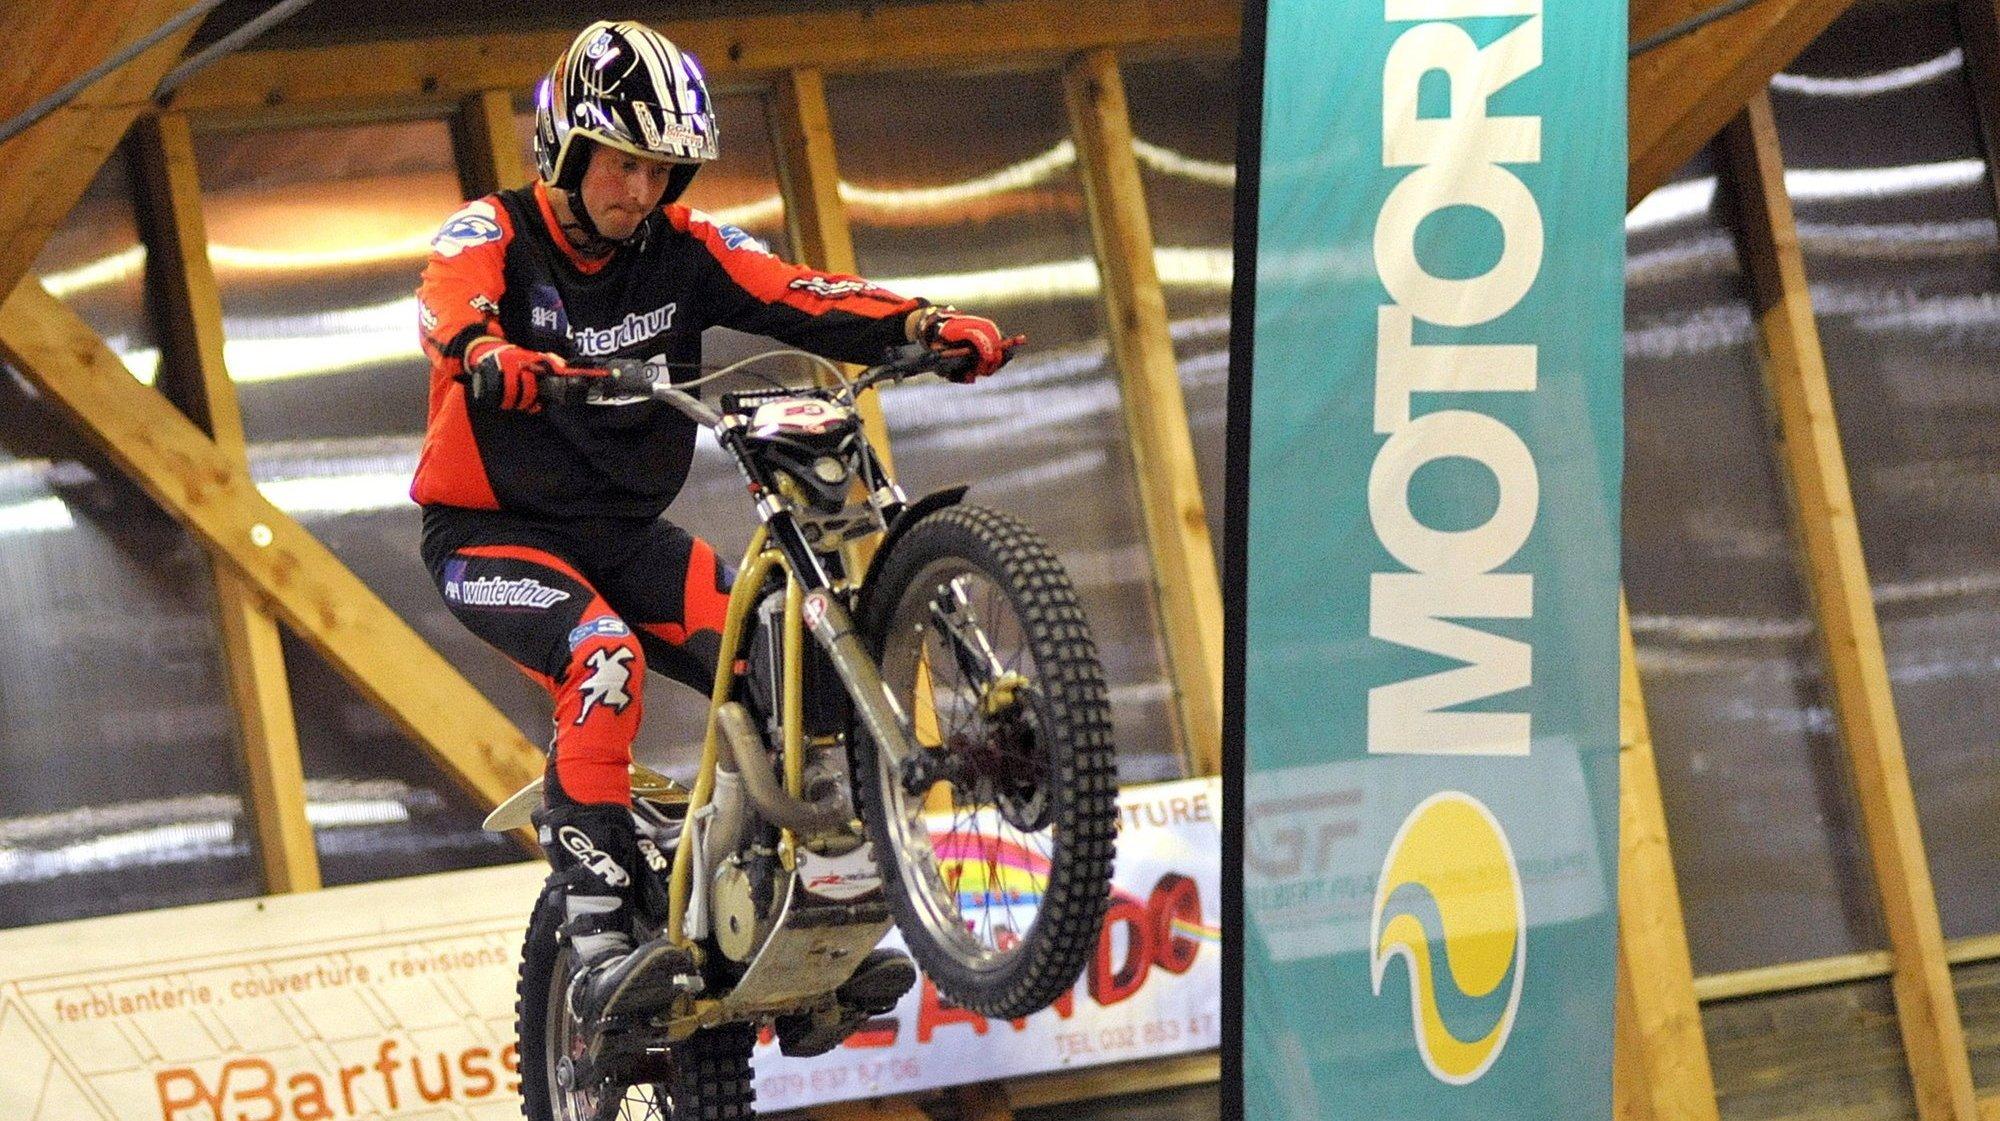 Laurent Dängeli au guidon de sa moto de trial en 2010, aux Ponts-de-Martel.